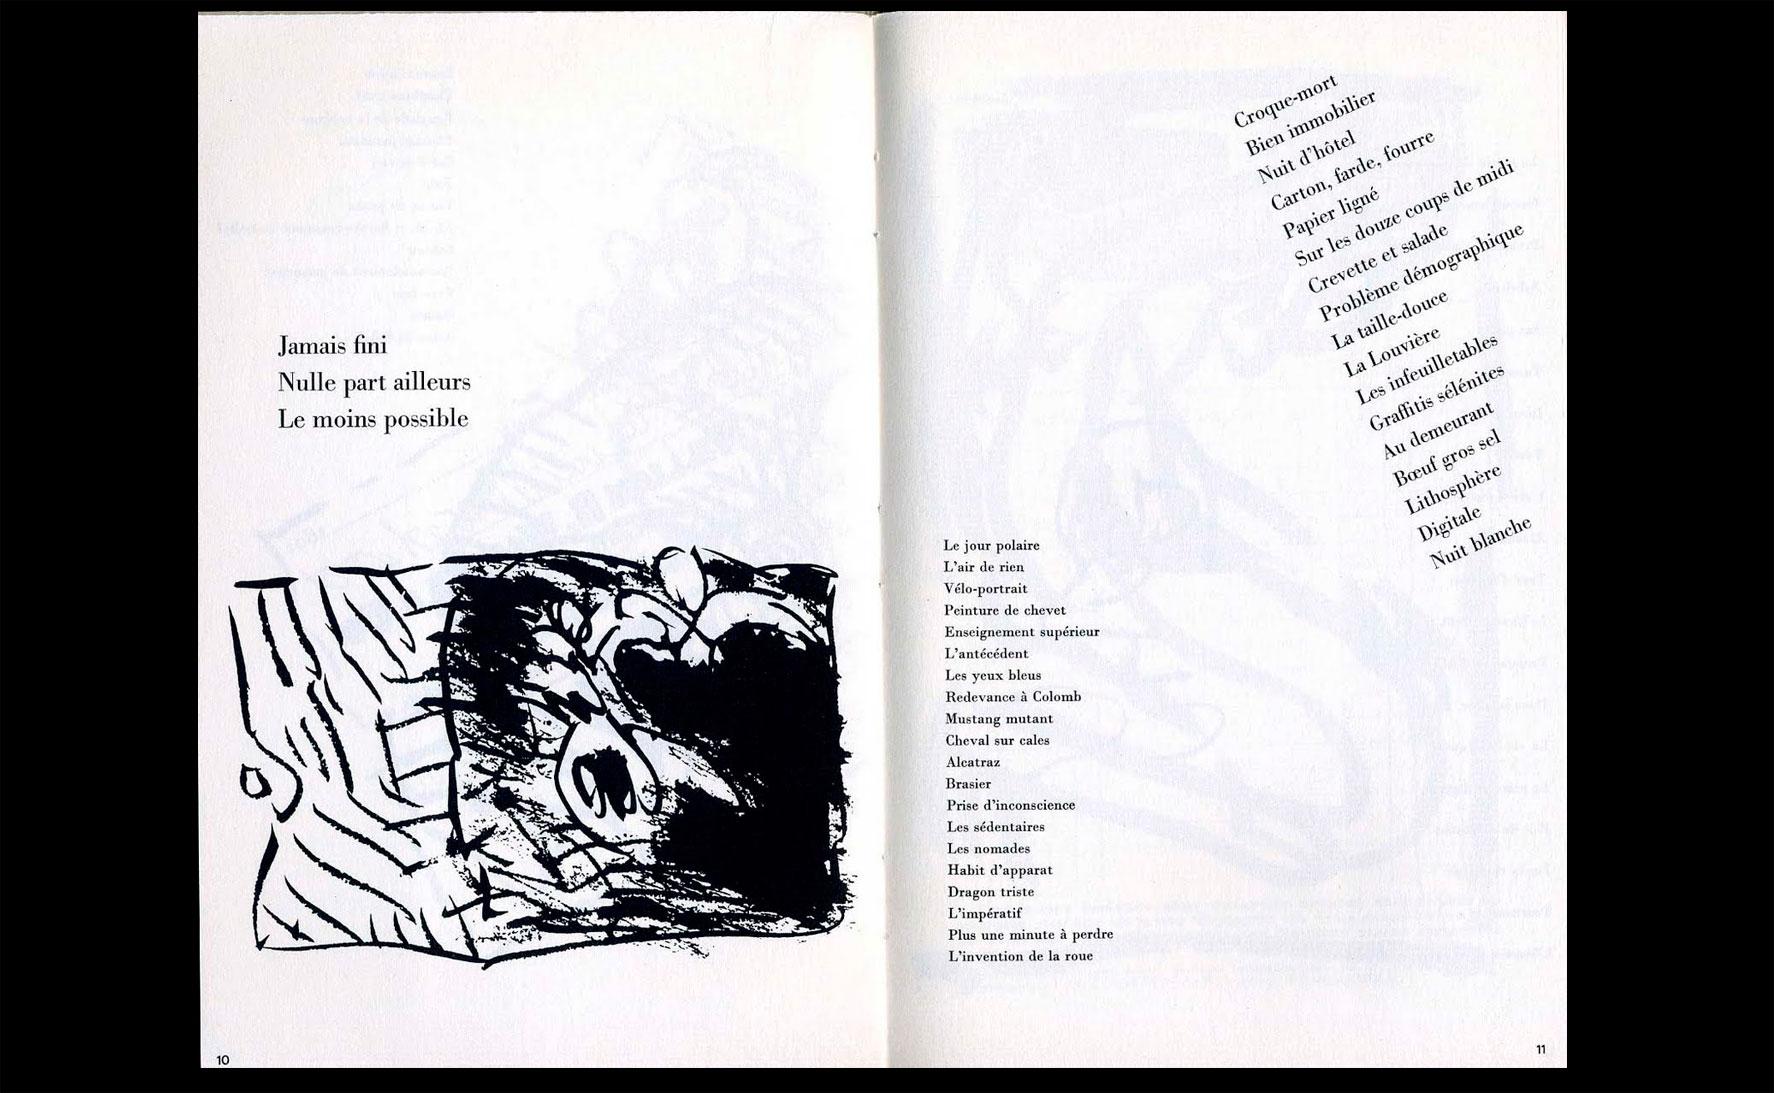 Le-Bureau-des-titres-Pierre-Faucheux-1983-04